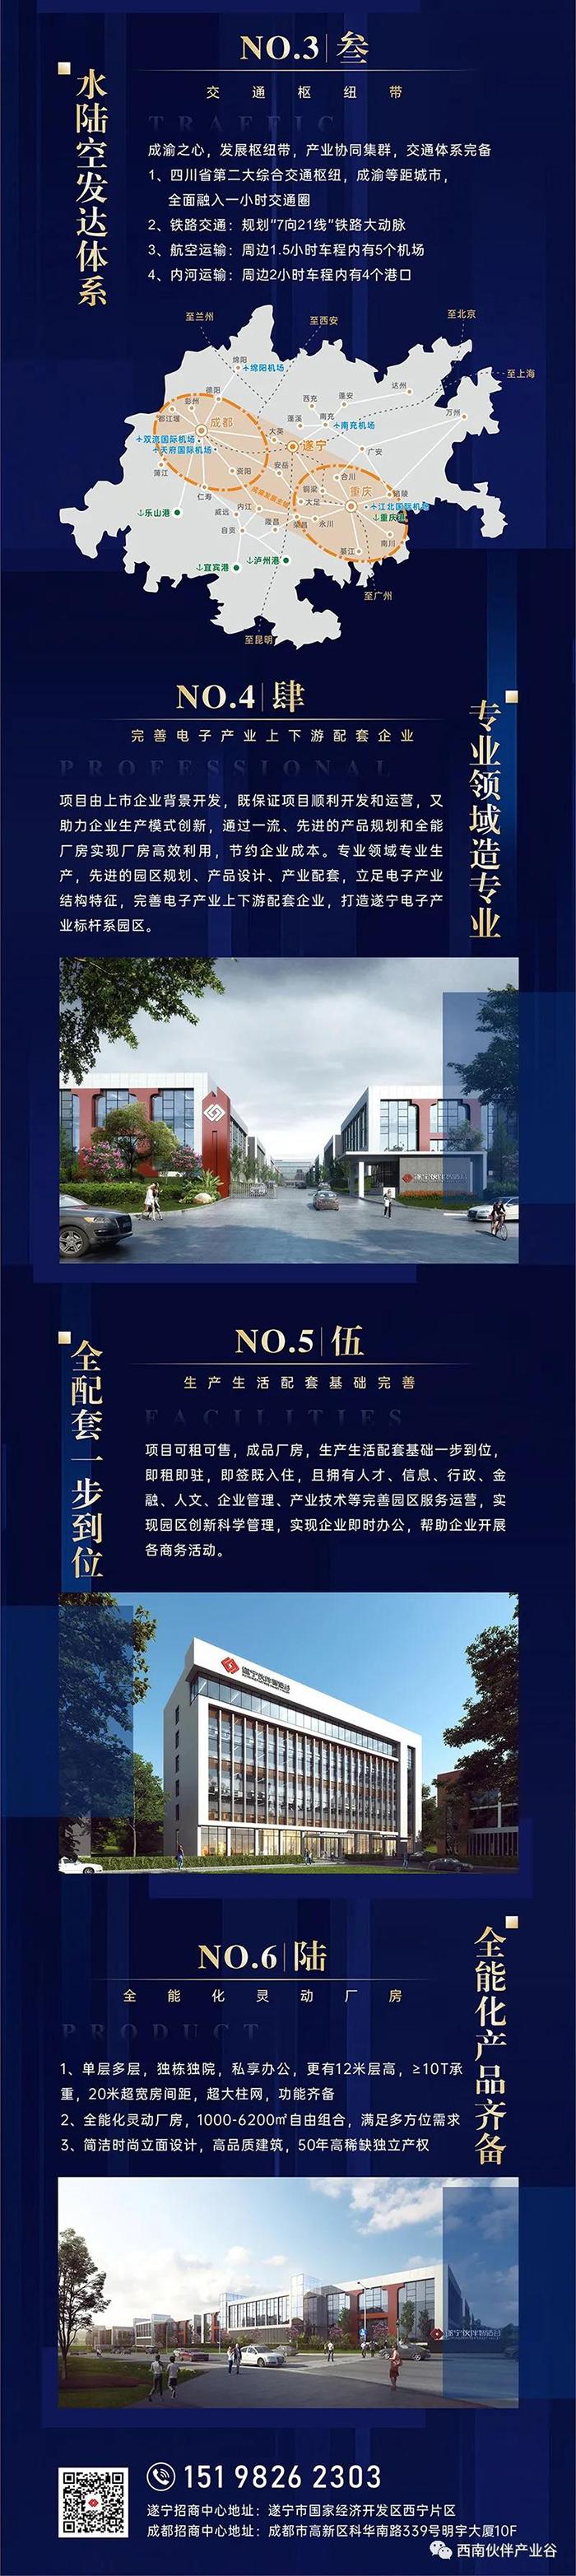 遂宁伙伴智造谷产业发展探讨会落幕722.jpg